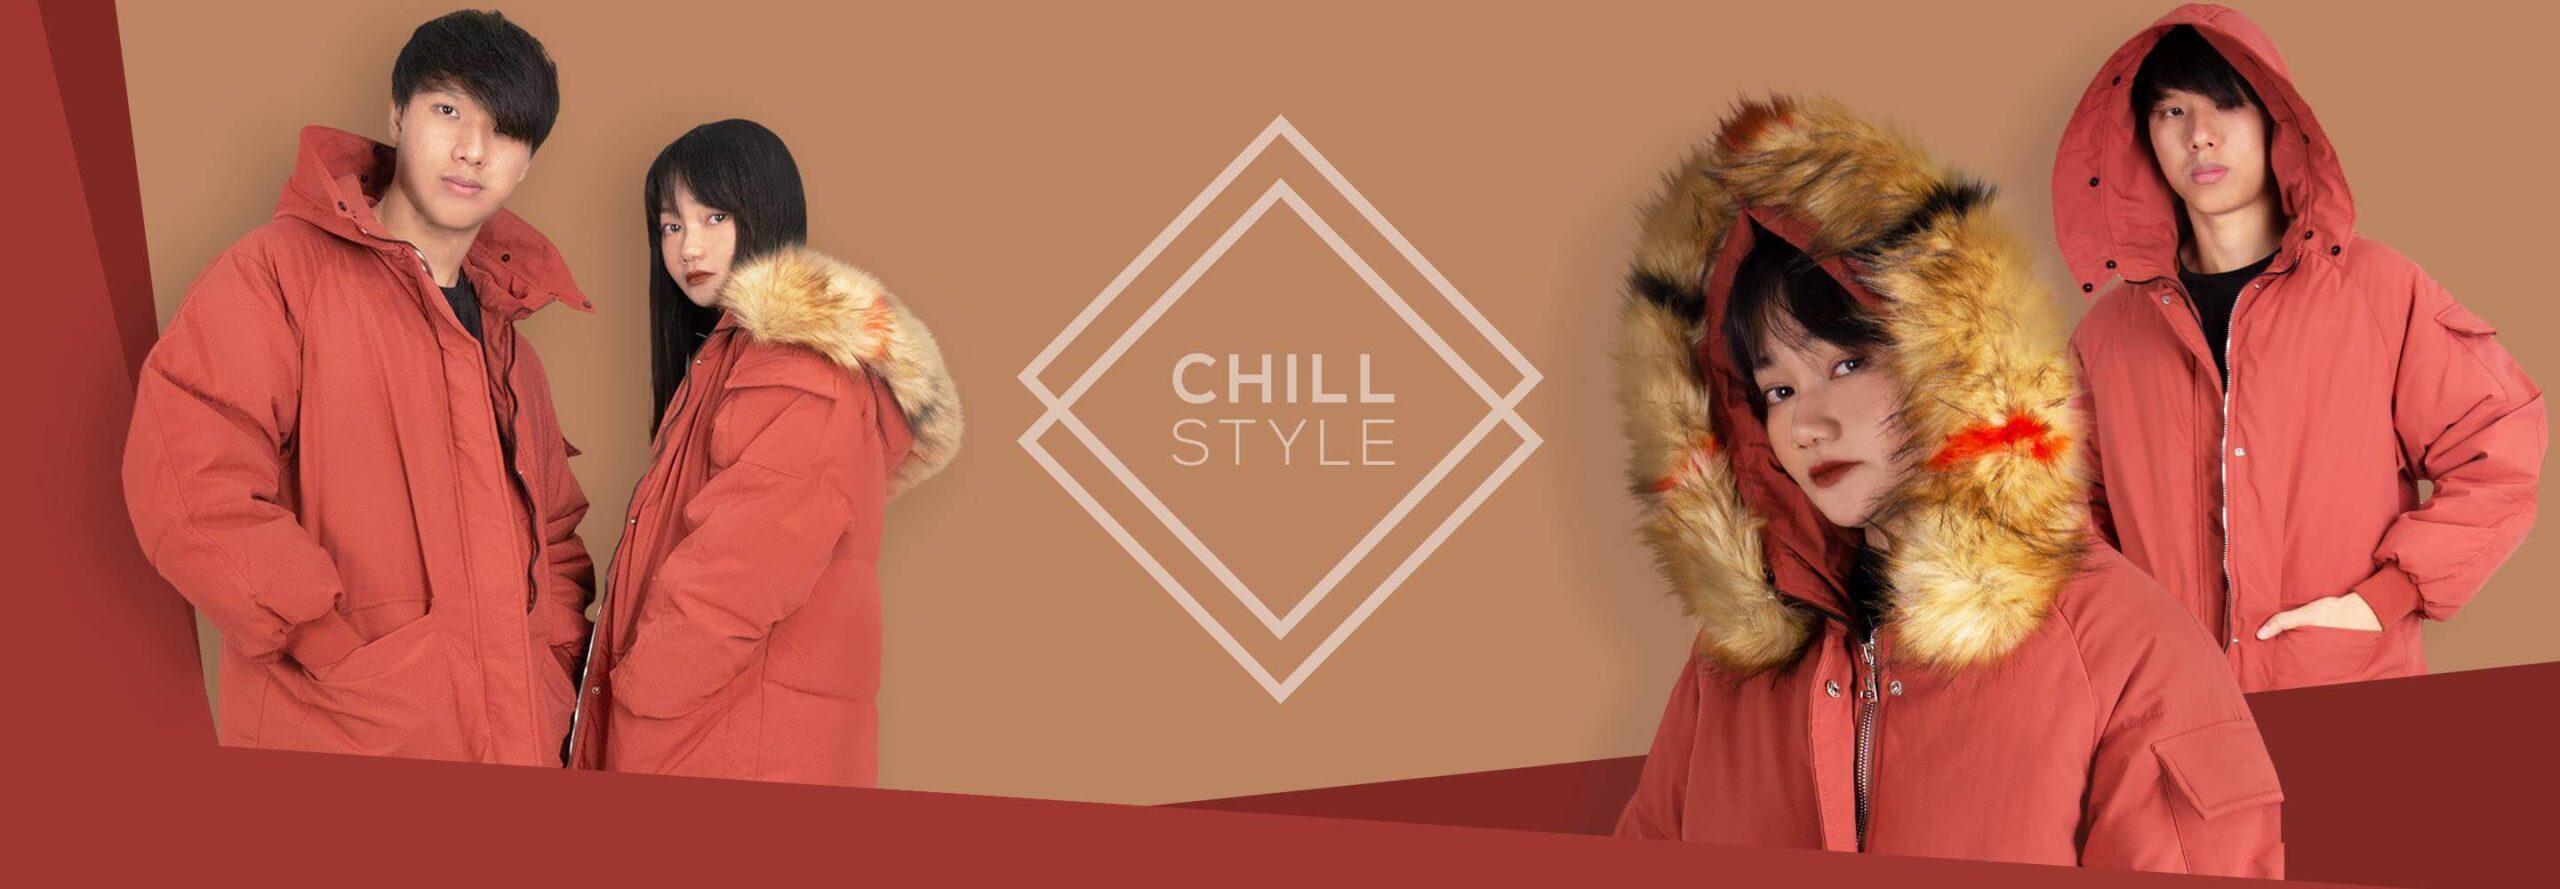 ร้านเช่าเสื้อกันหนาว Chill Style